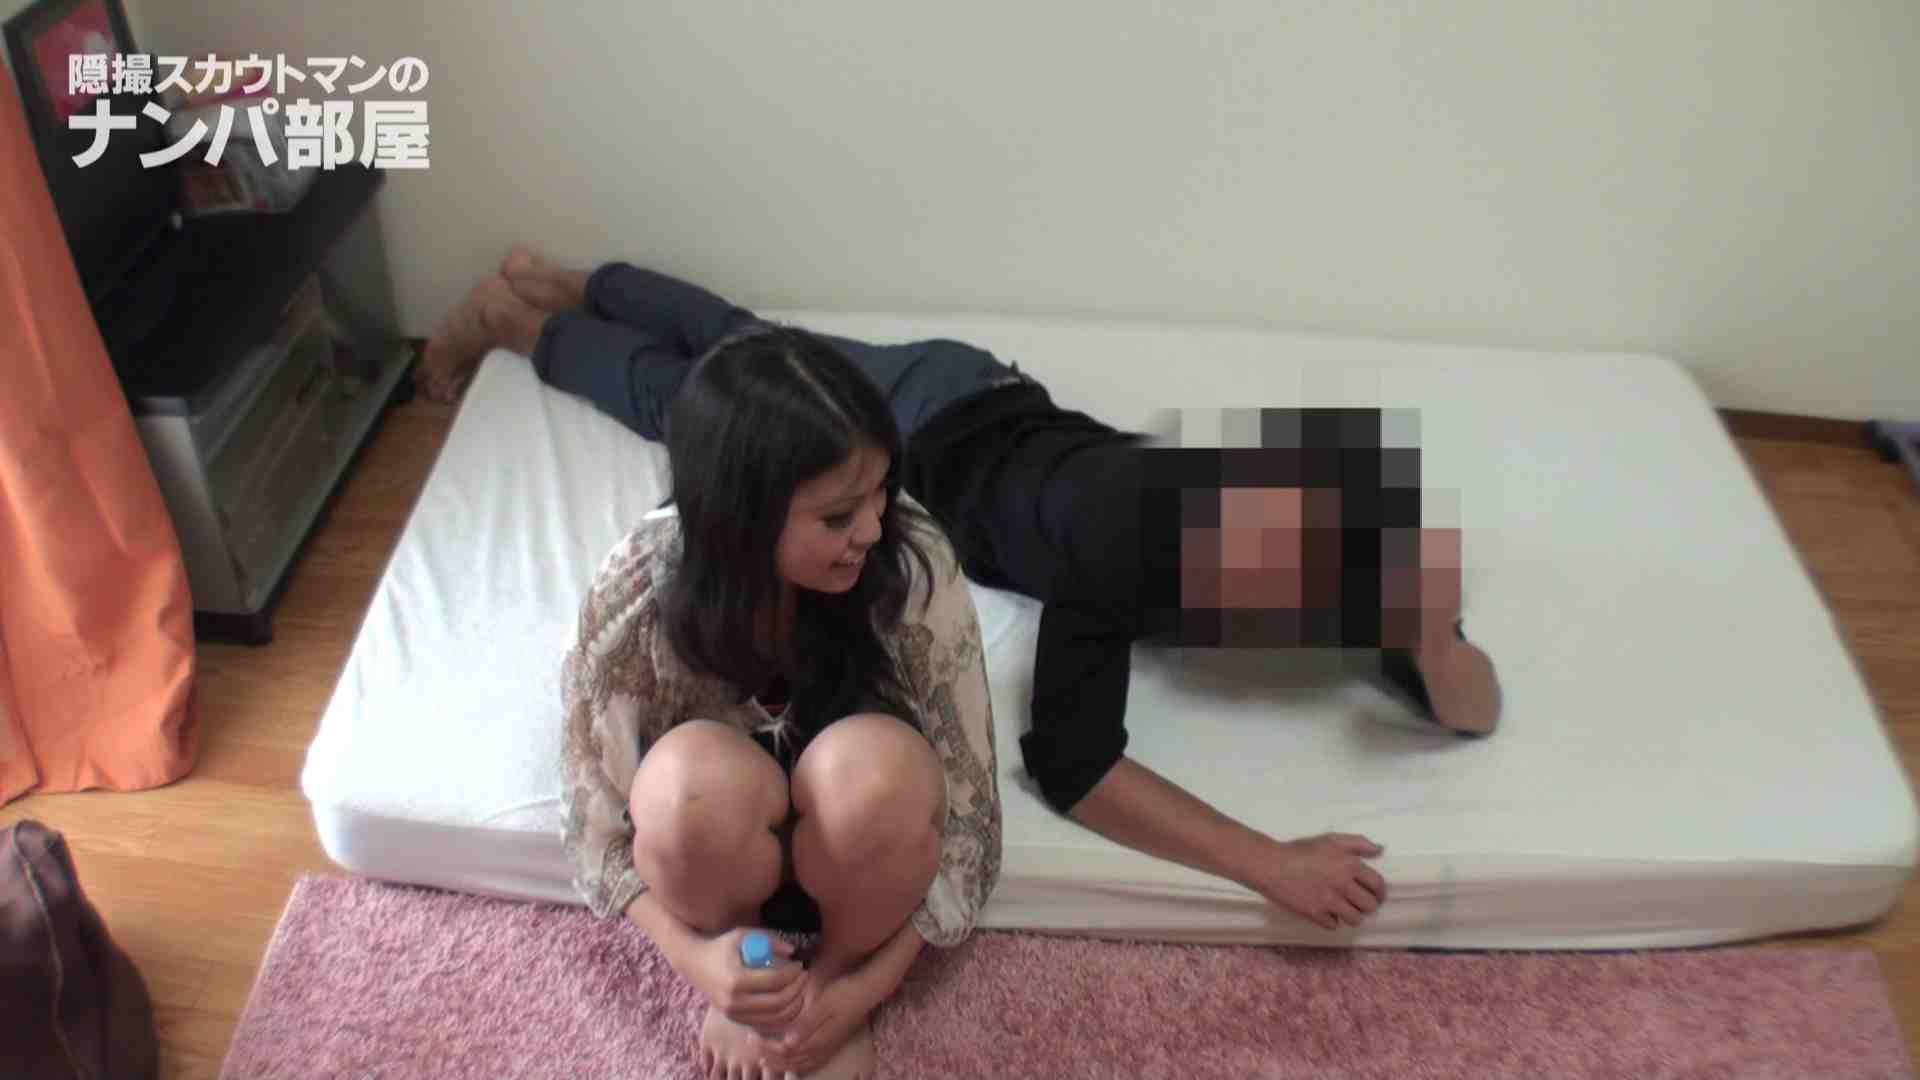 隠撮スカウトマンのナンパ部屋~風俗デビュー前のつまみ食い~hana 隠撮   脱衣所  110pic 31